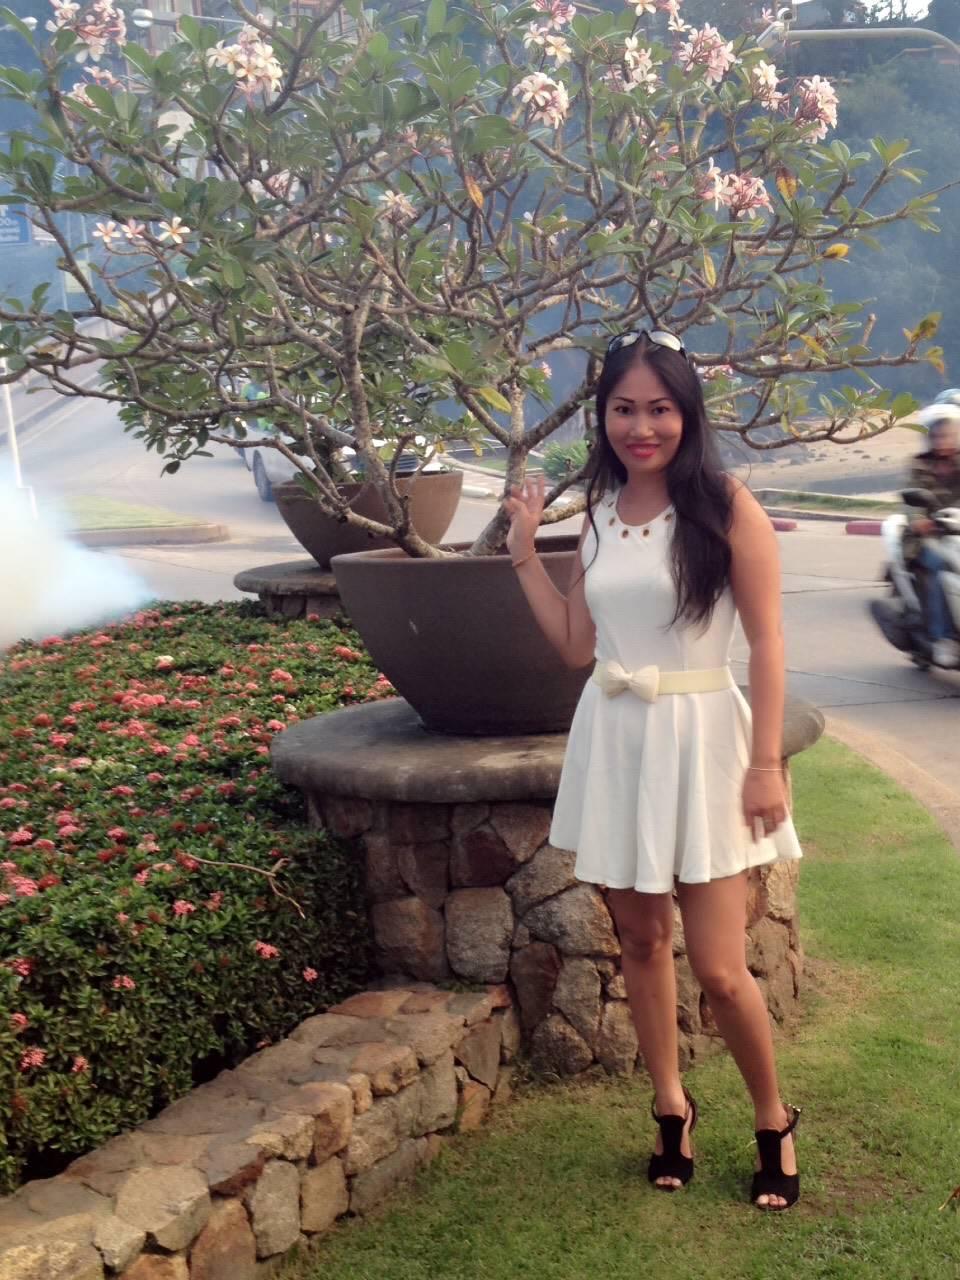 Singlereisen frauen thailand Singlereisen Frauen Thailand - Blog, Dating, Single Reisen & mehr